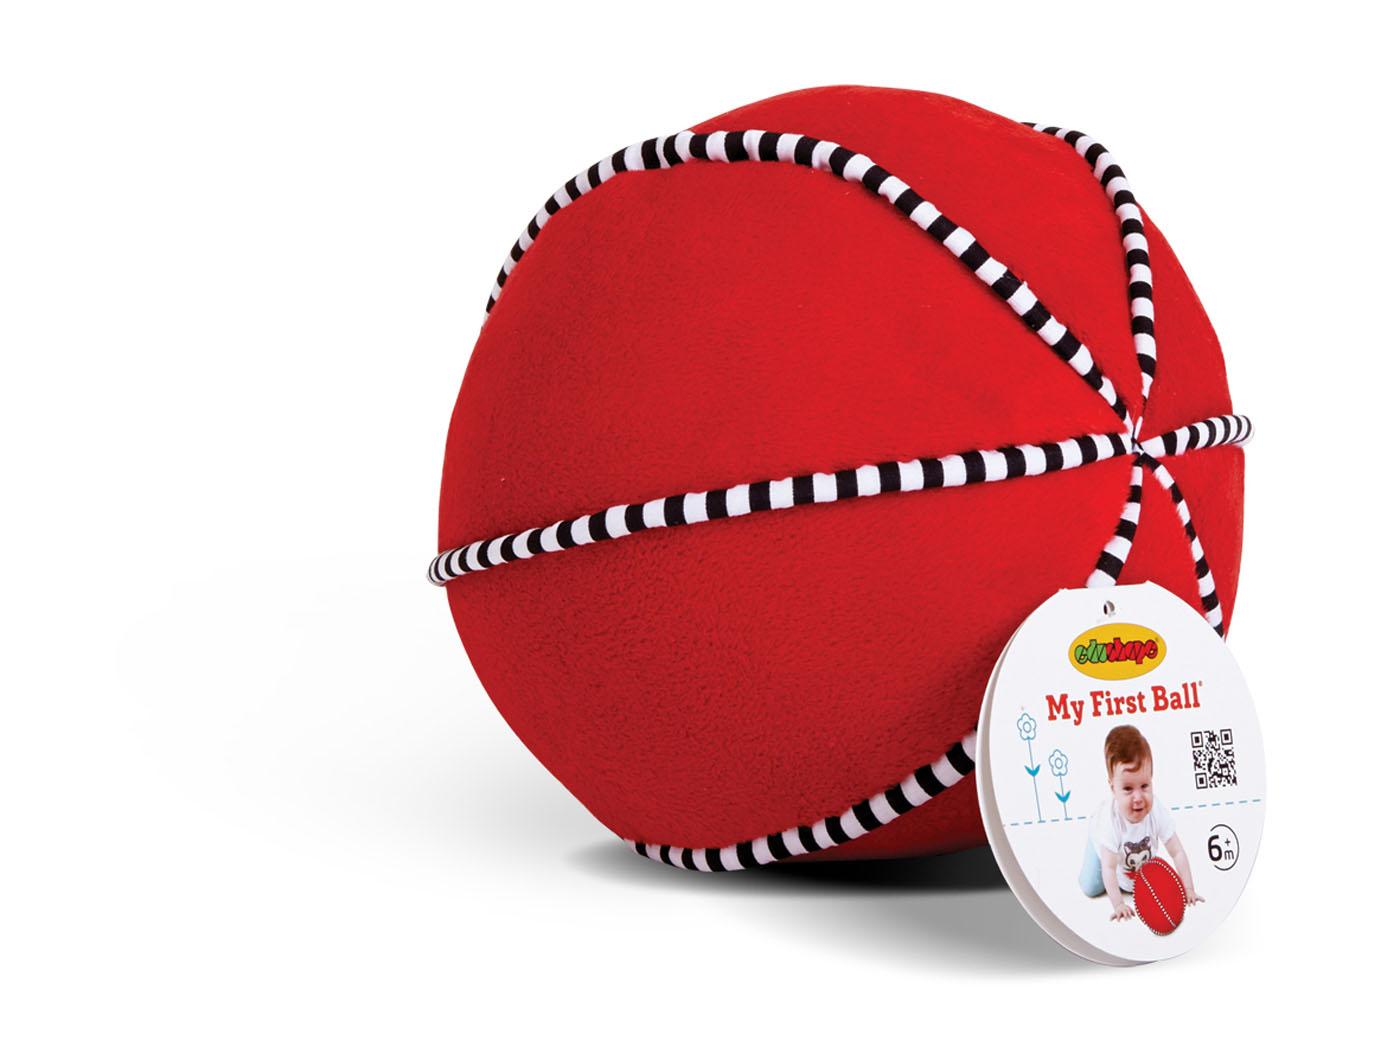 My First Ball